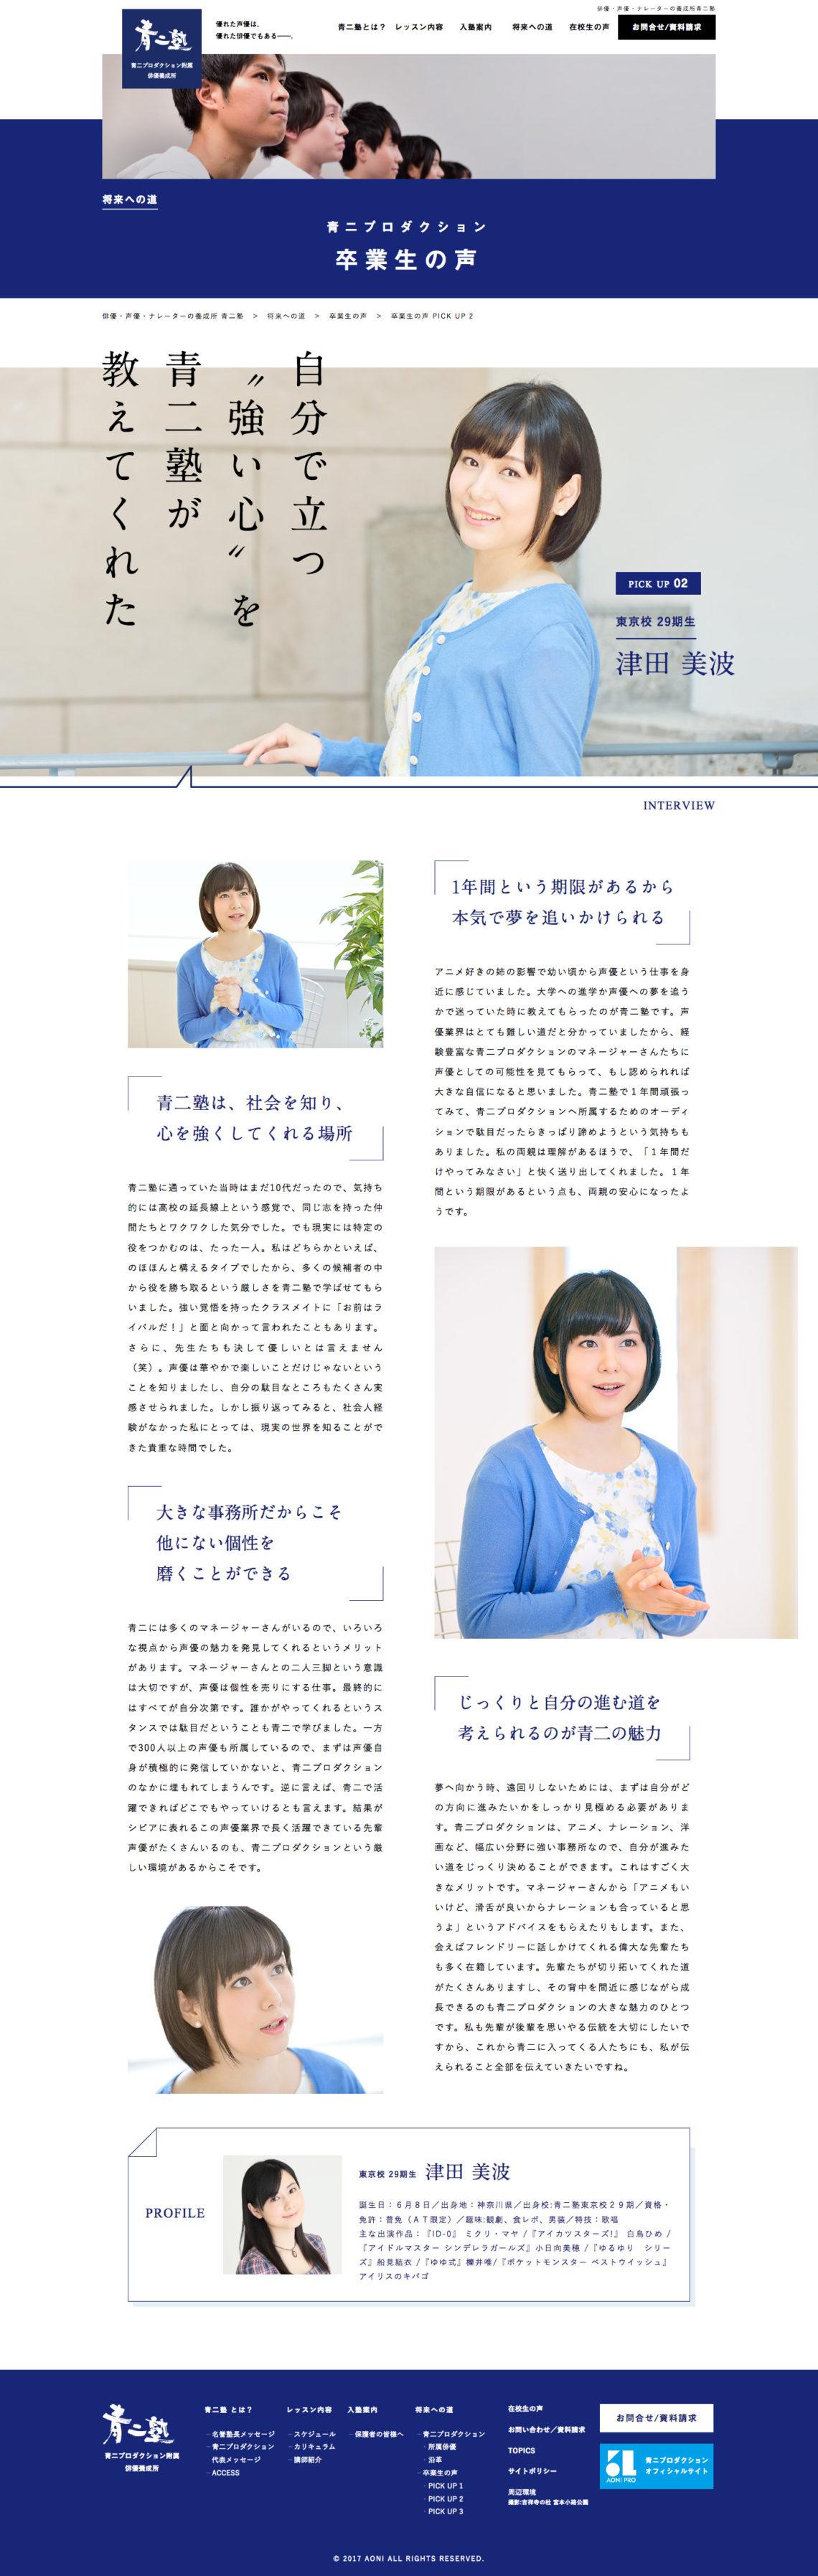 俳優養成所 卒業生の俳優紹介